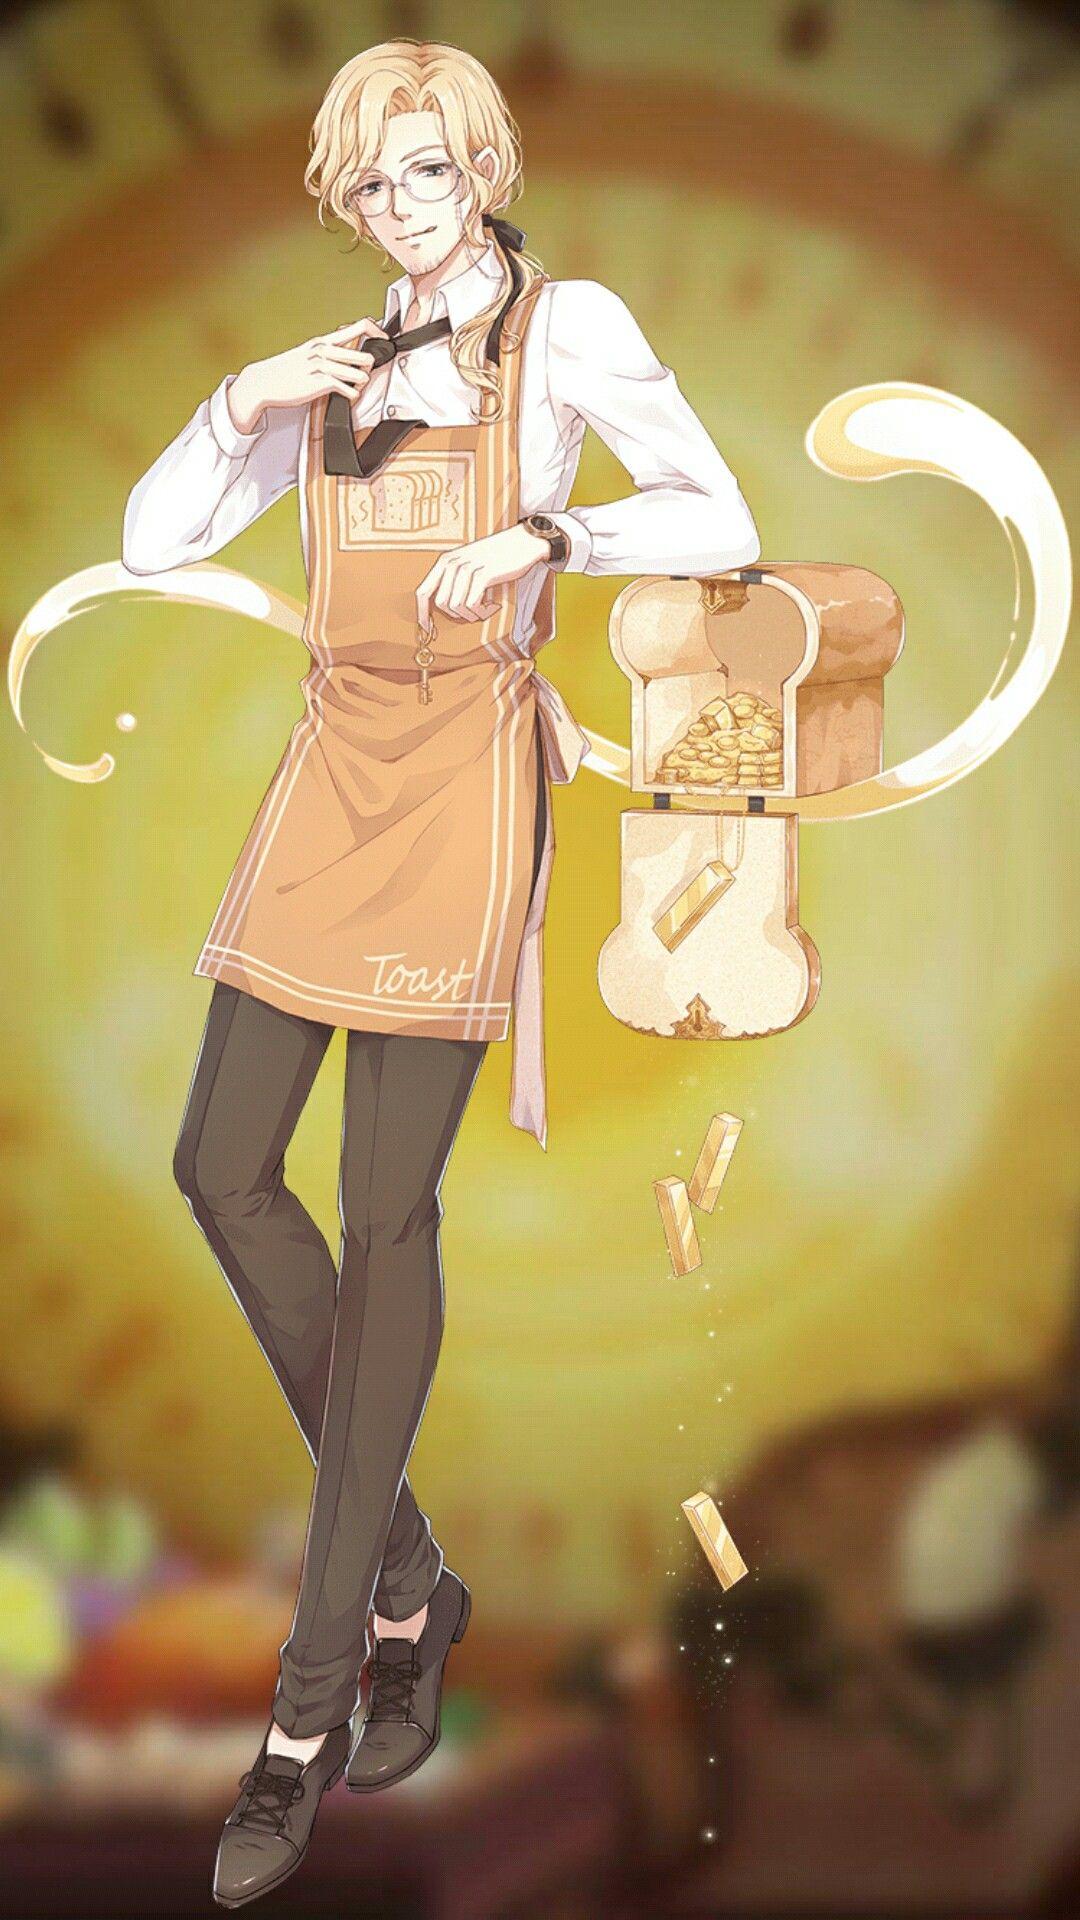 Pin oleh Tsuki di FoodFantasy